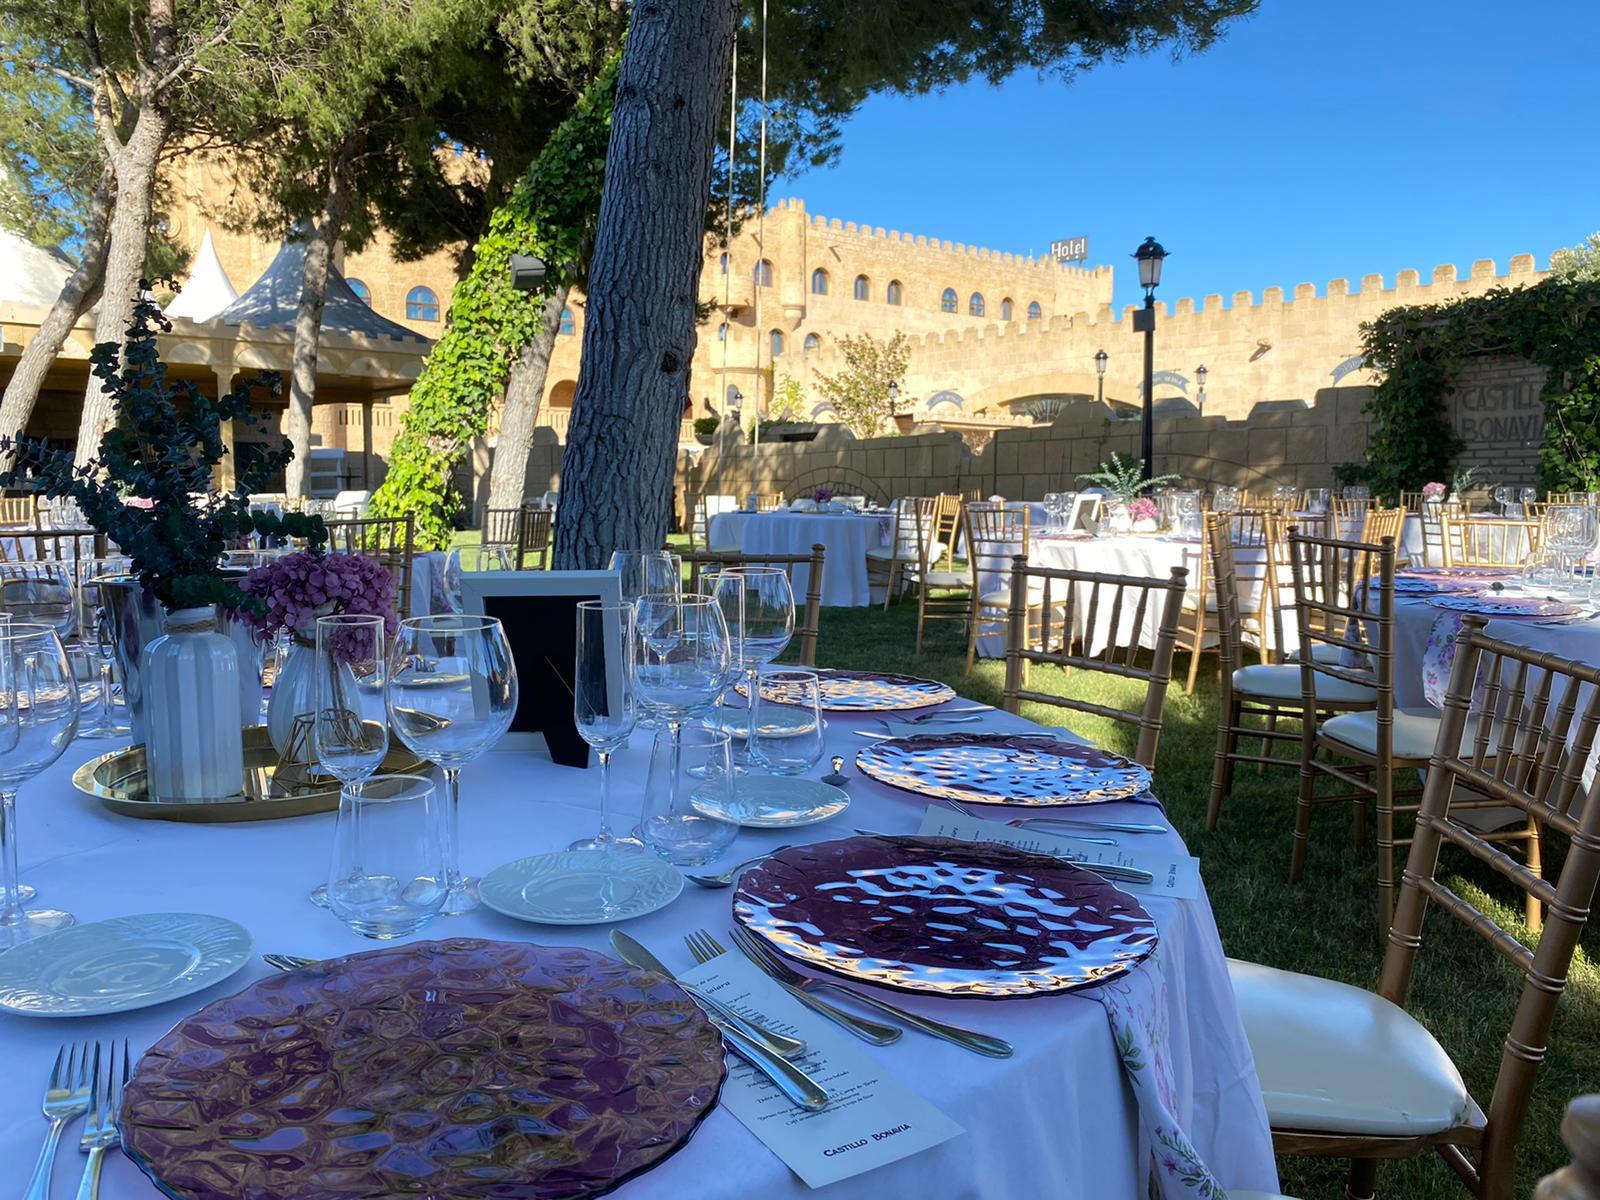 Banquete al aire libre-Finca los Arcos (3)